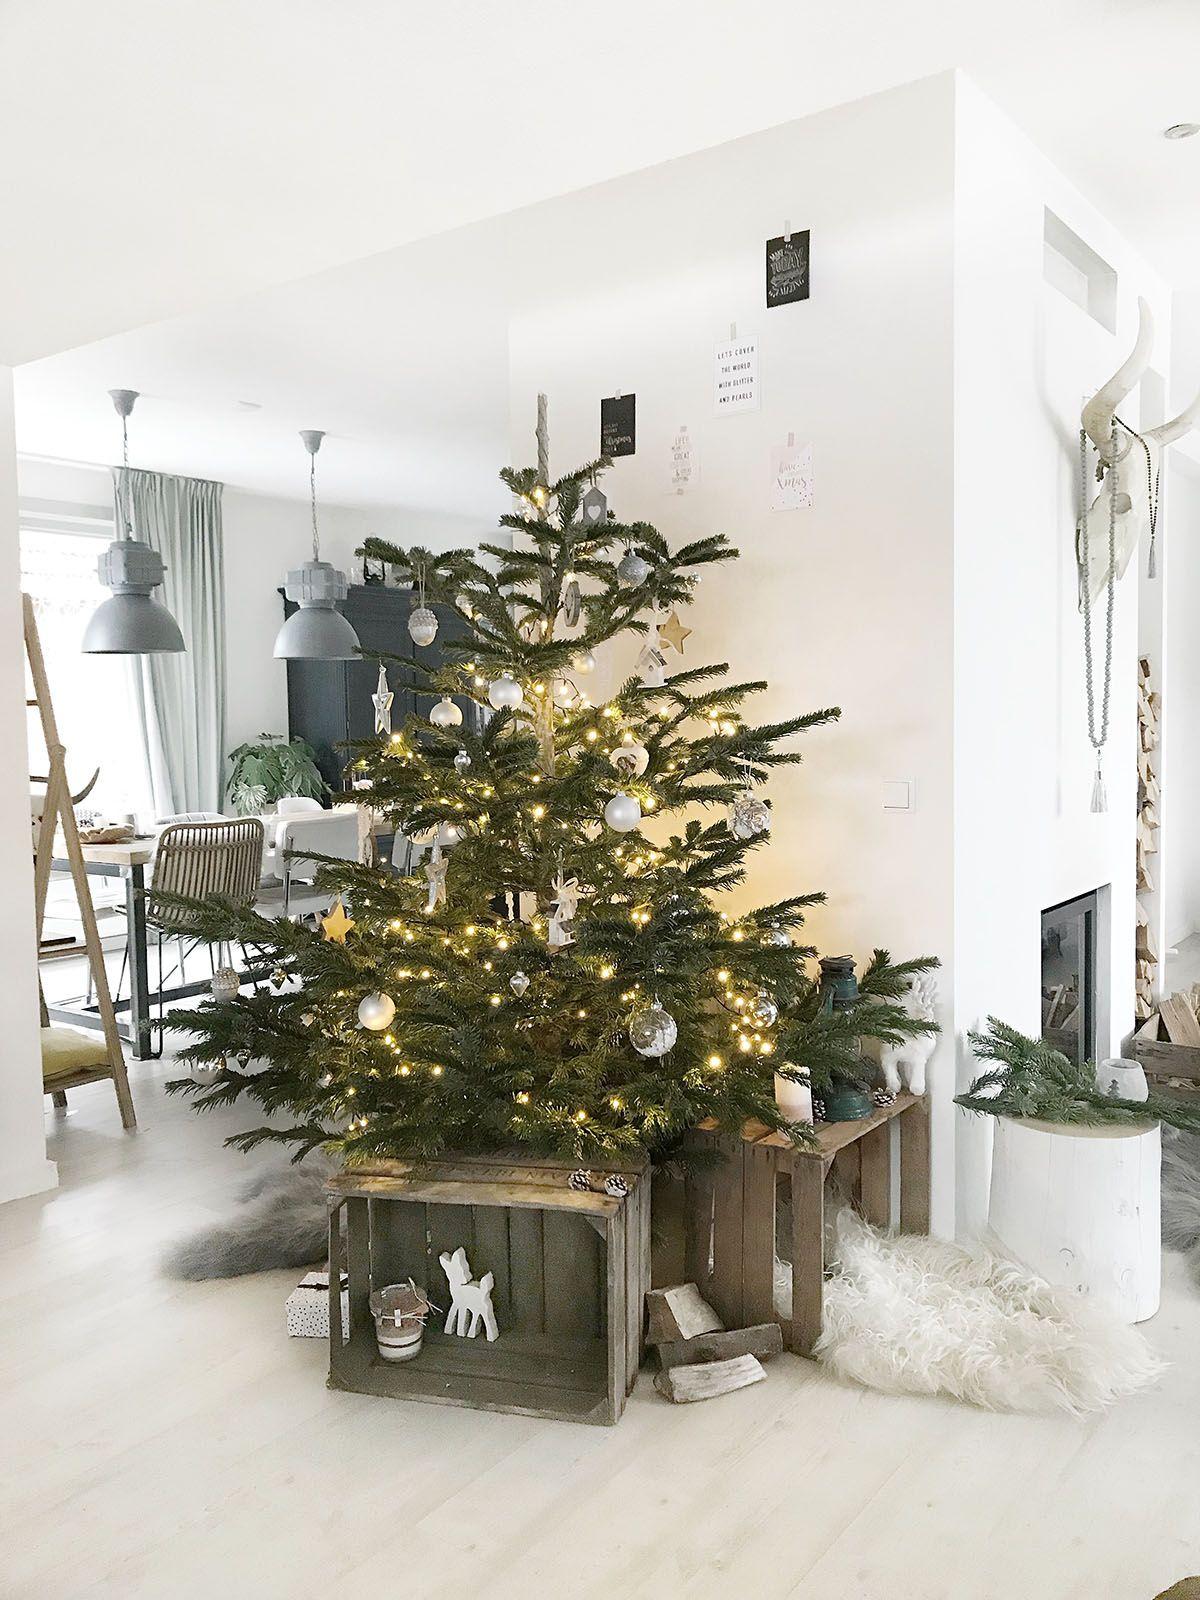 Interieur Ideeen Voor Kerst.Kerstboom Met Houten Fruitkistjes Kerst Interieur Ideeen